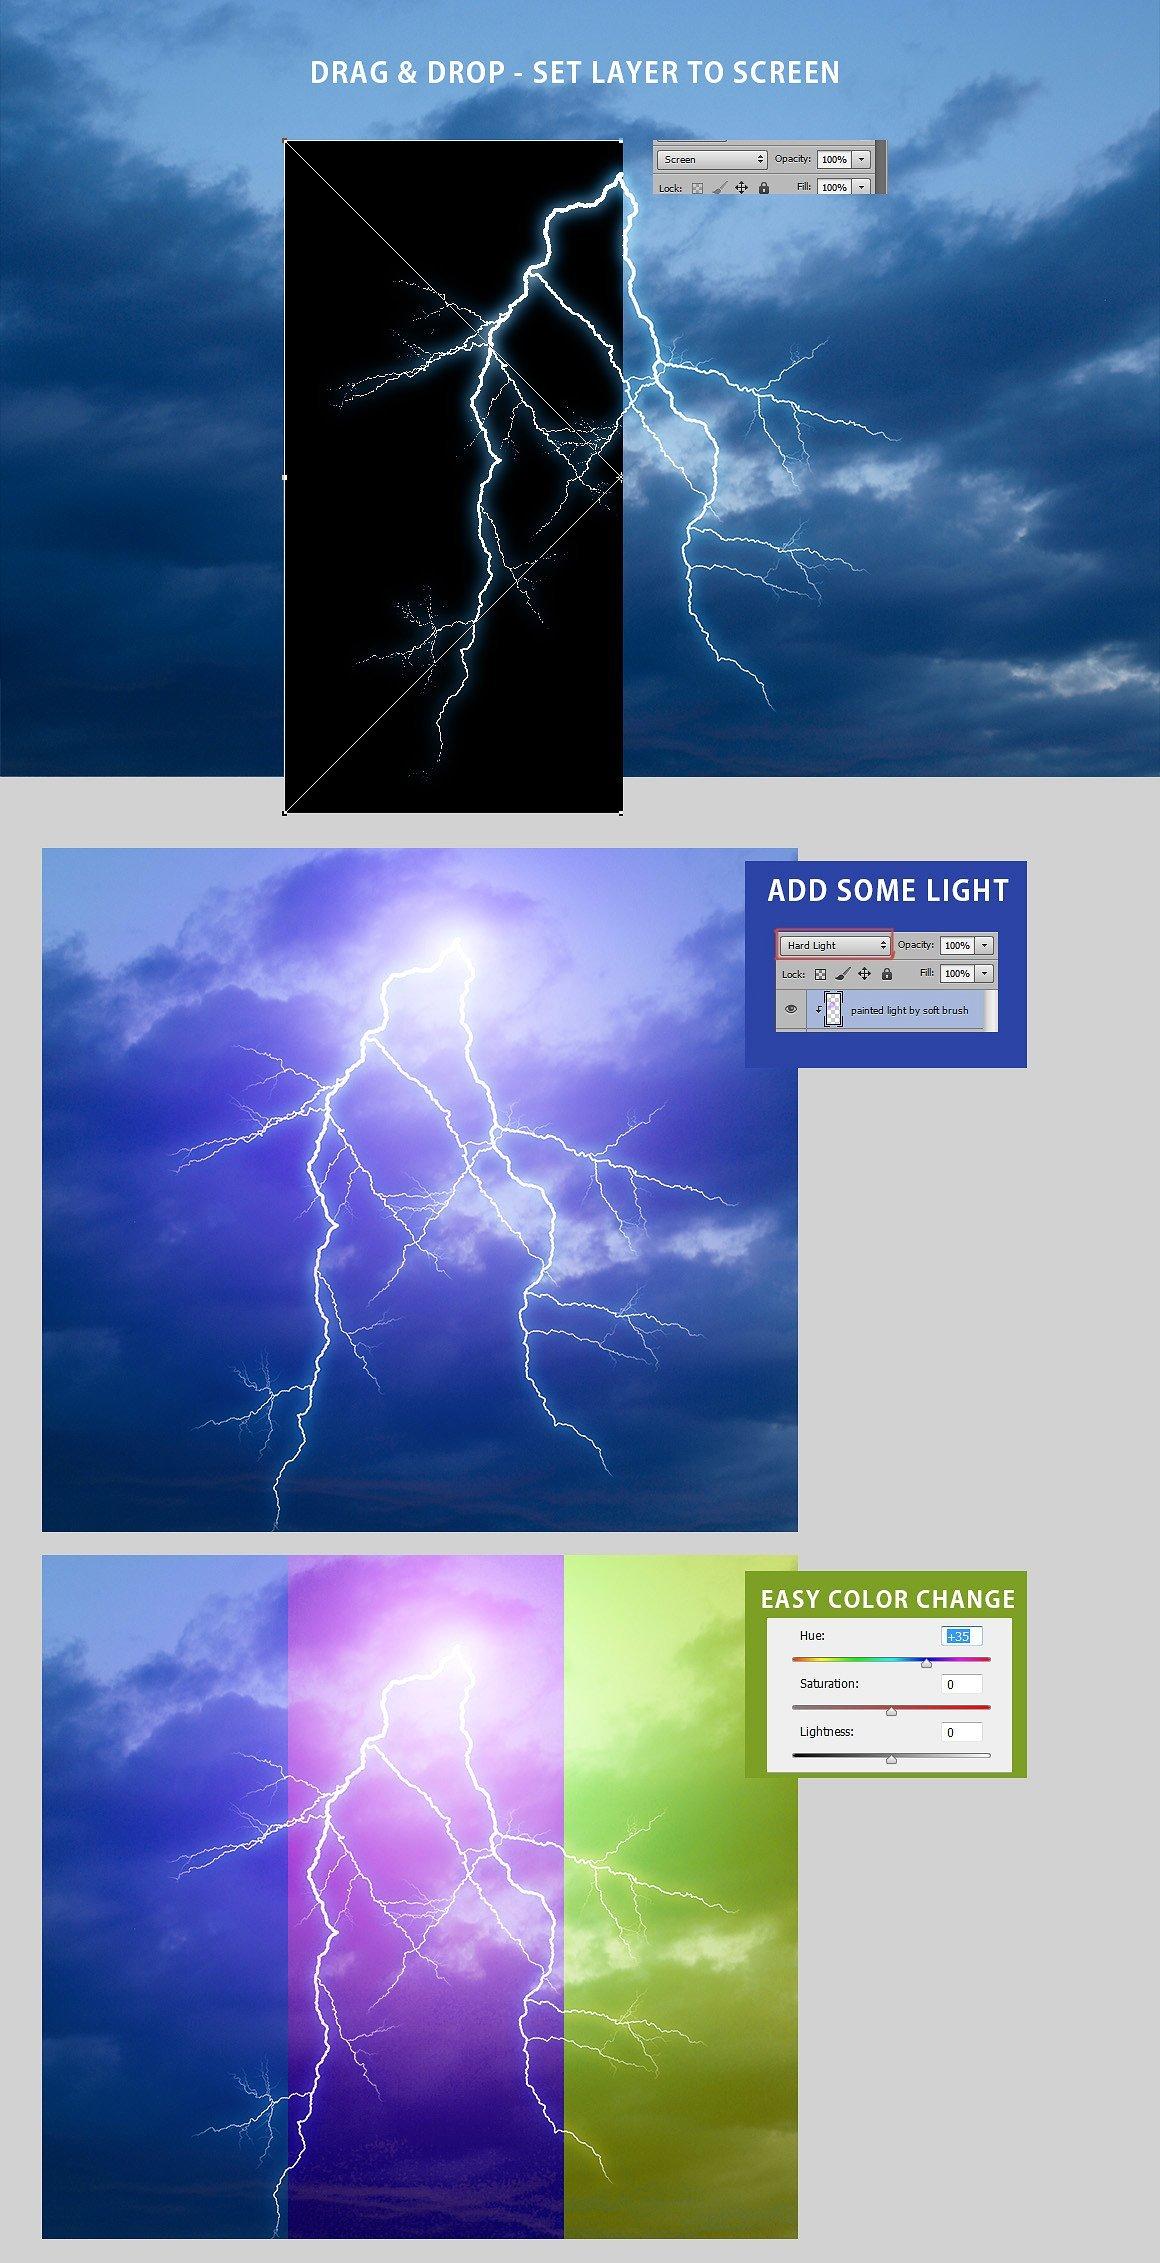 525款雷电暴雨水滴闪电暴风雪恶劣天气摄影视觉叠加背景底纹素材 525 Rain, Snow, Lightning Overlays插图9